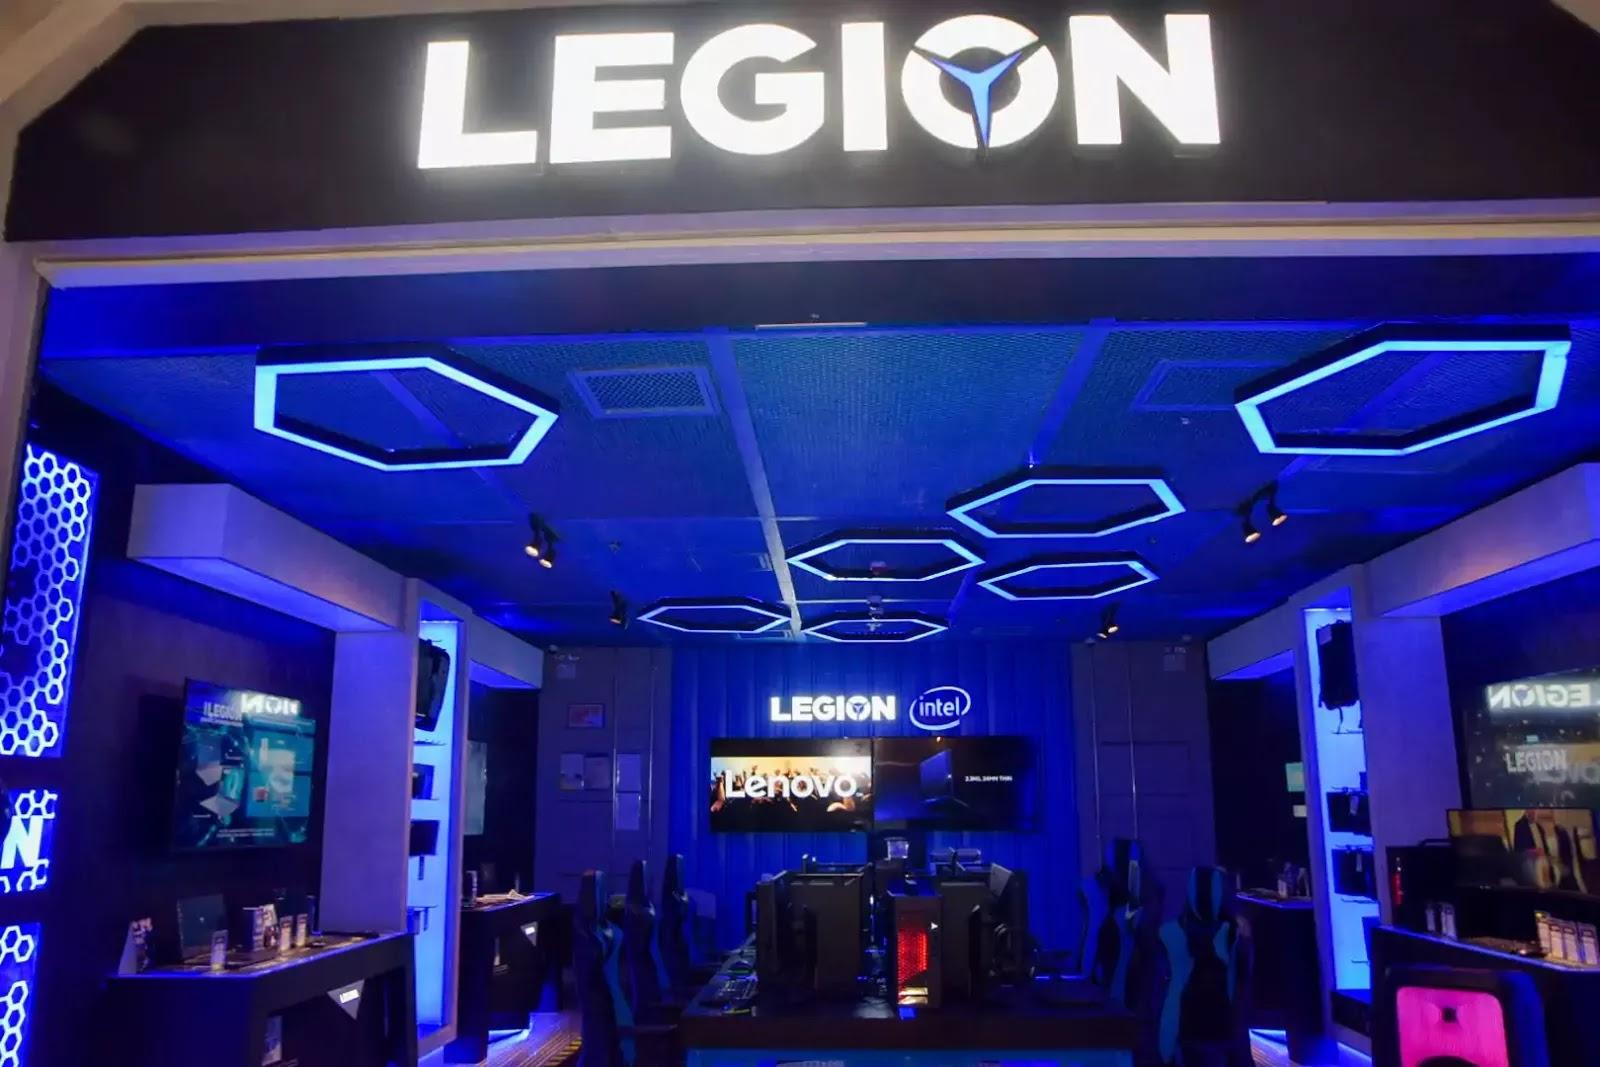 Lenovo Legion Concept Store